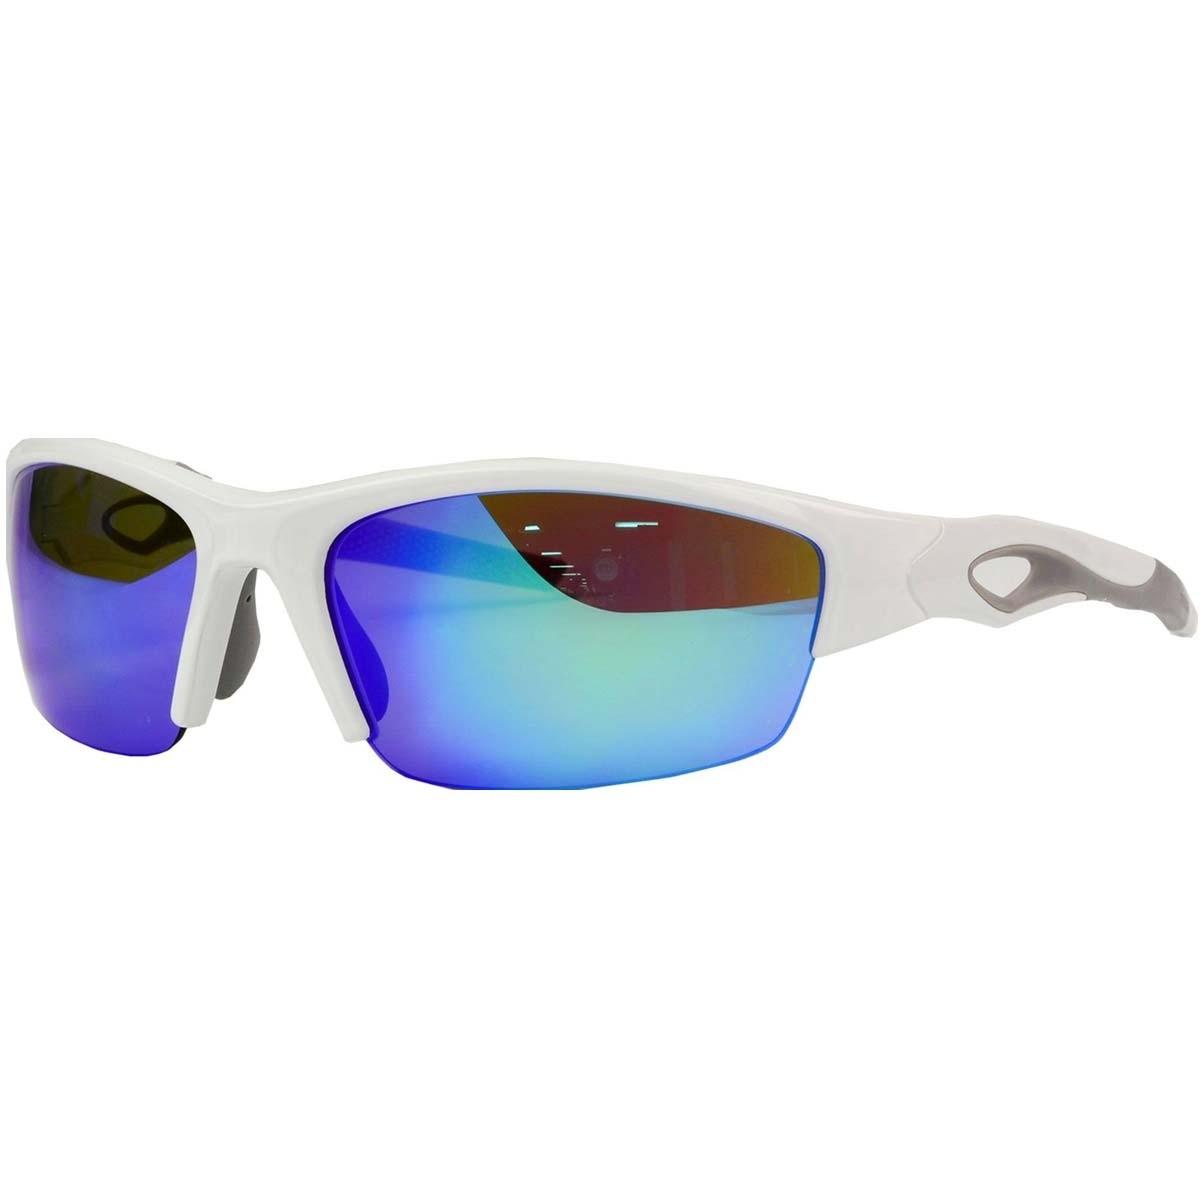 6c7e51e8aca Rawlings 32 Adult Sunglasses